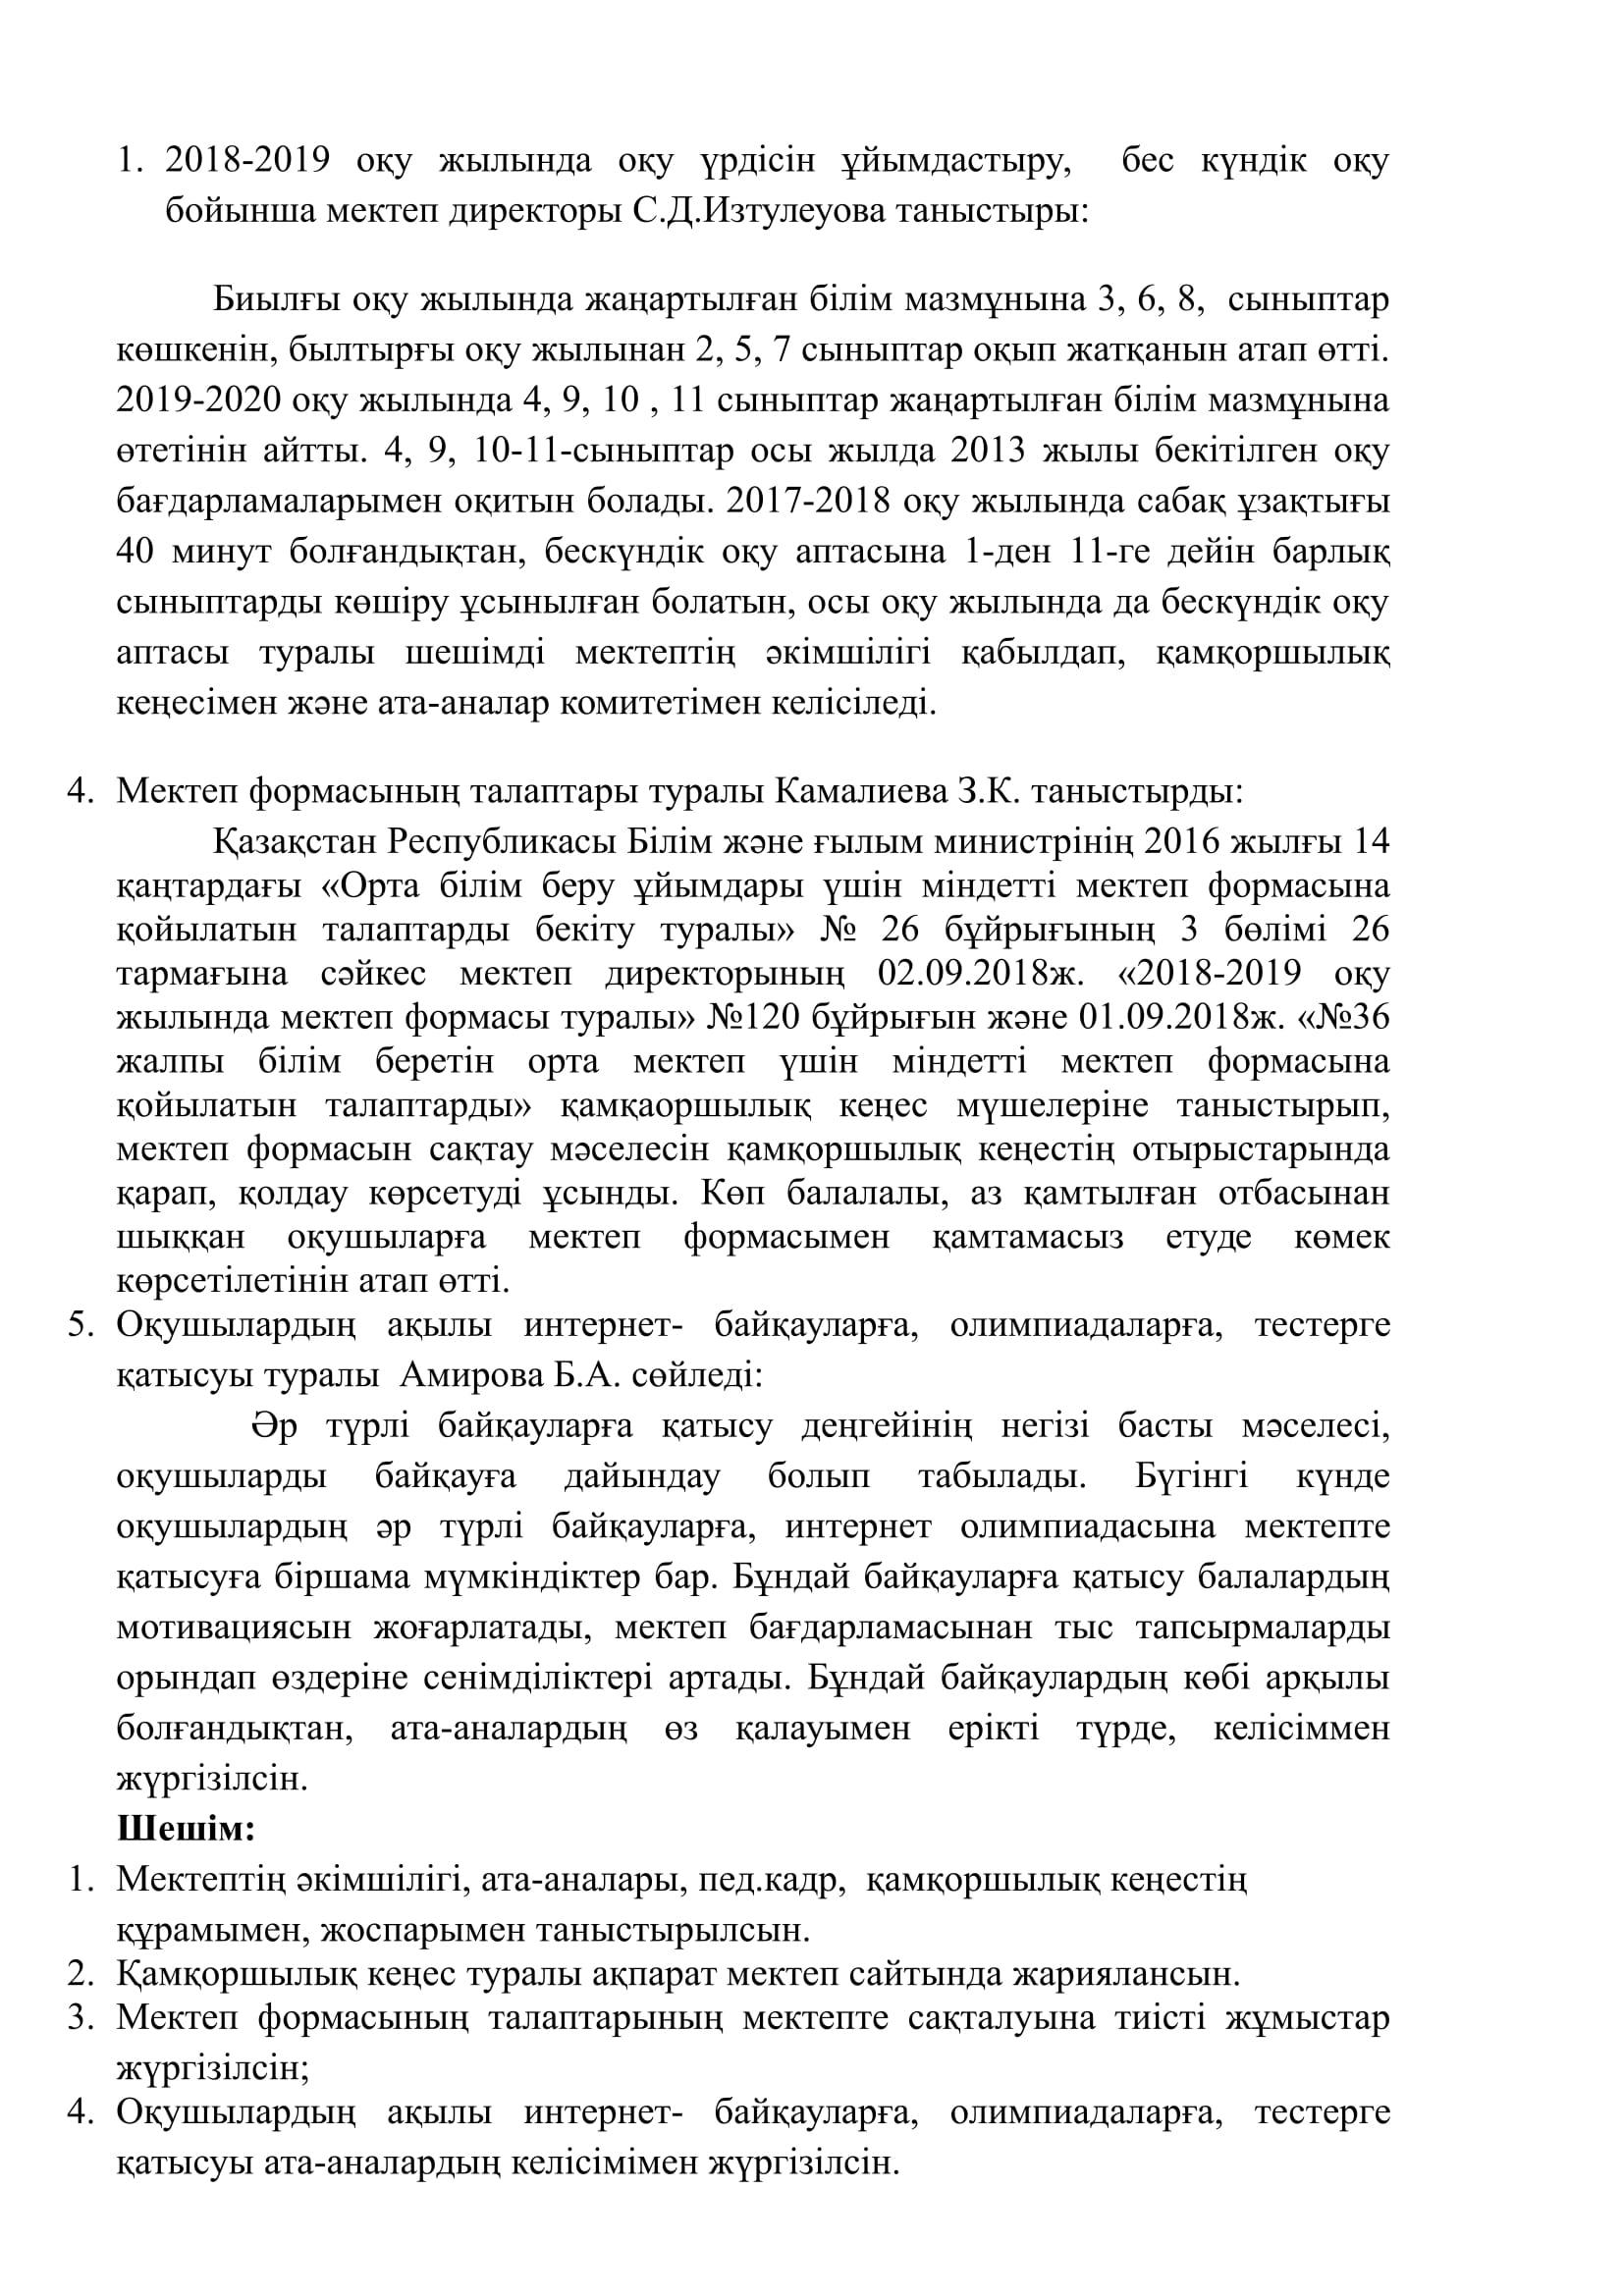 СОШ№36 ХАТТАМА — 2018-2019-08.jpg